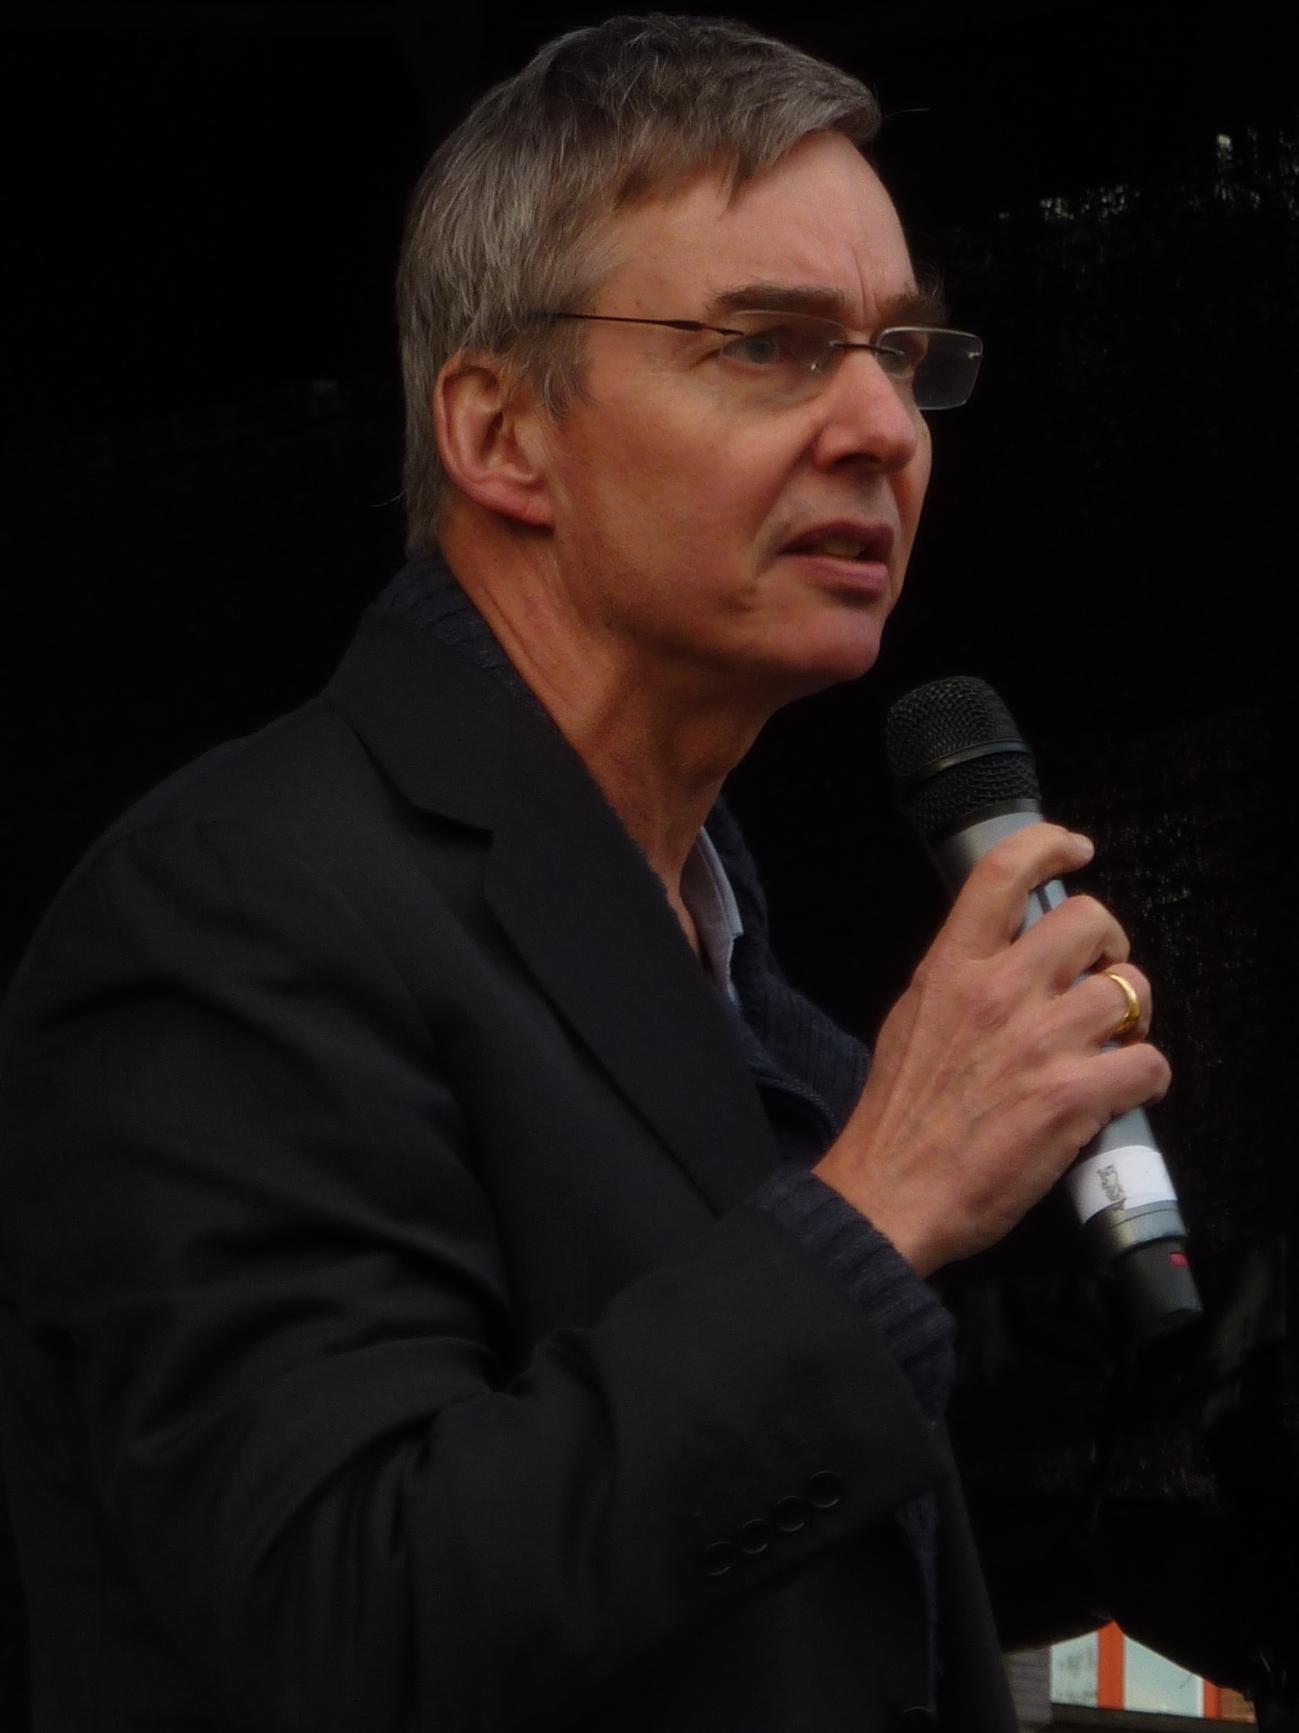 john-ashton